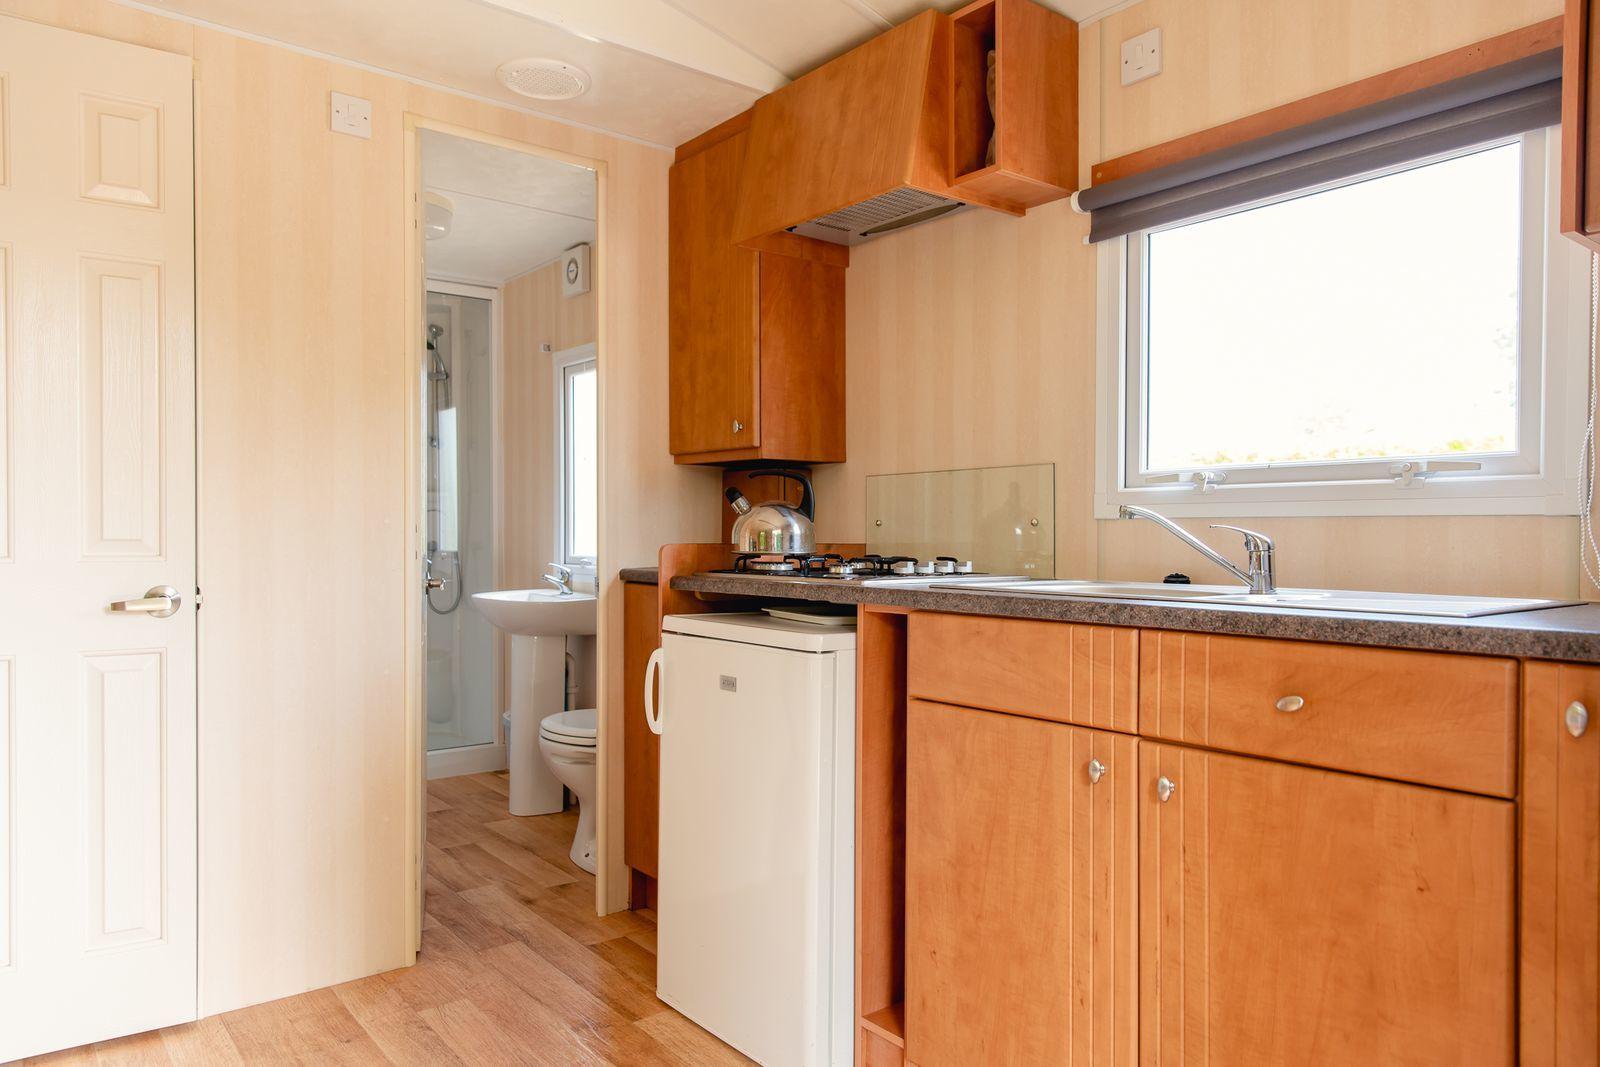 Wanderhütte mit 1 Schlafzimmer, bis zu 2 Personen